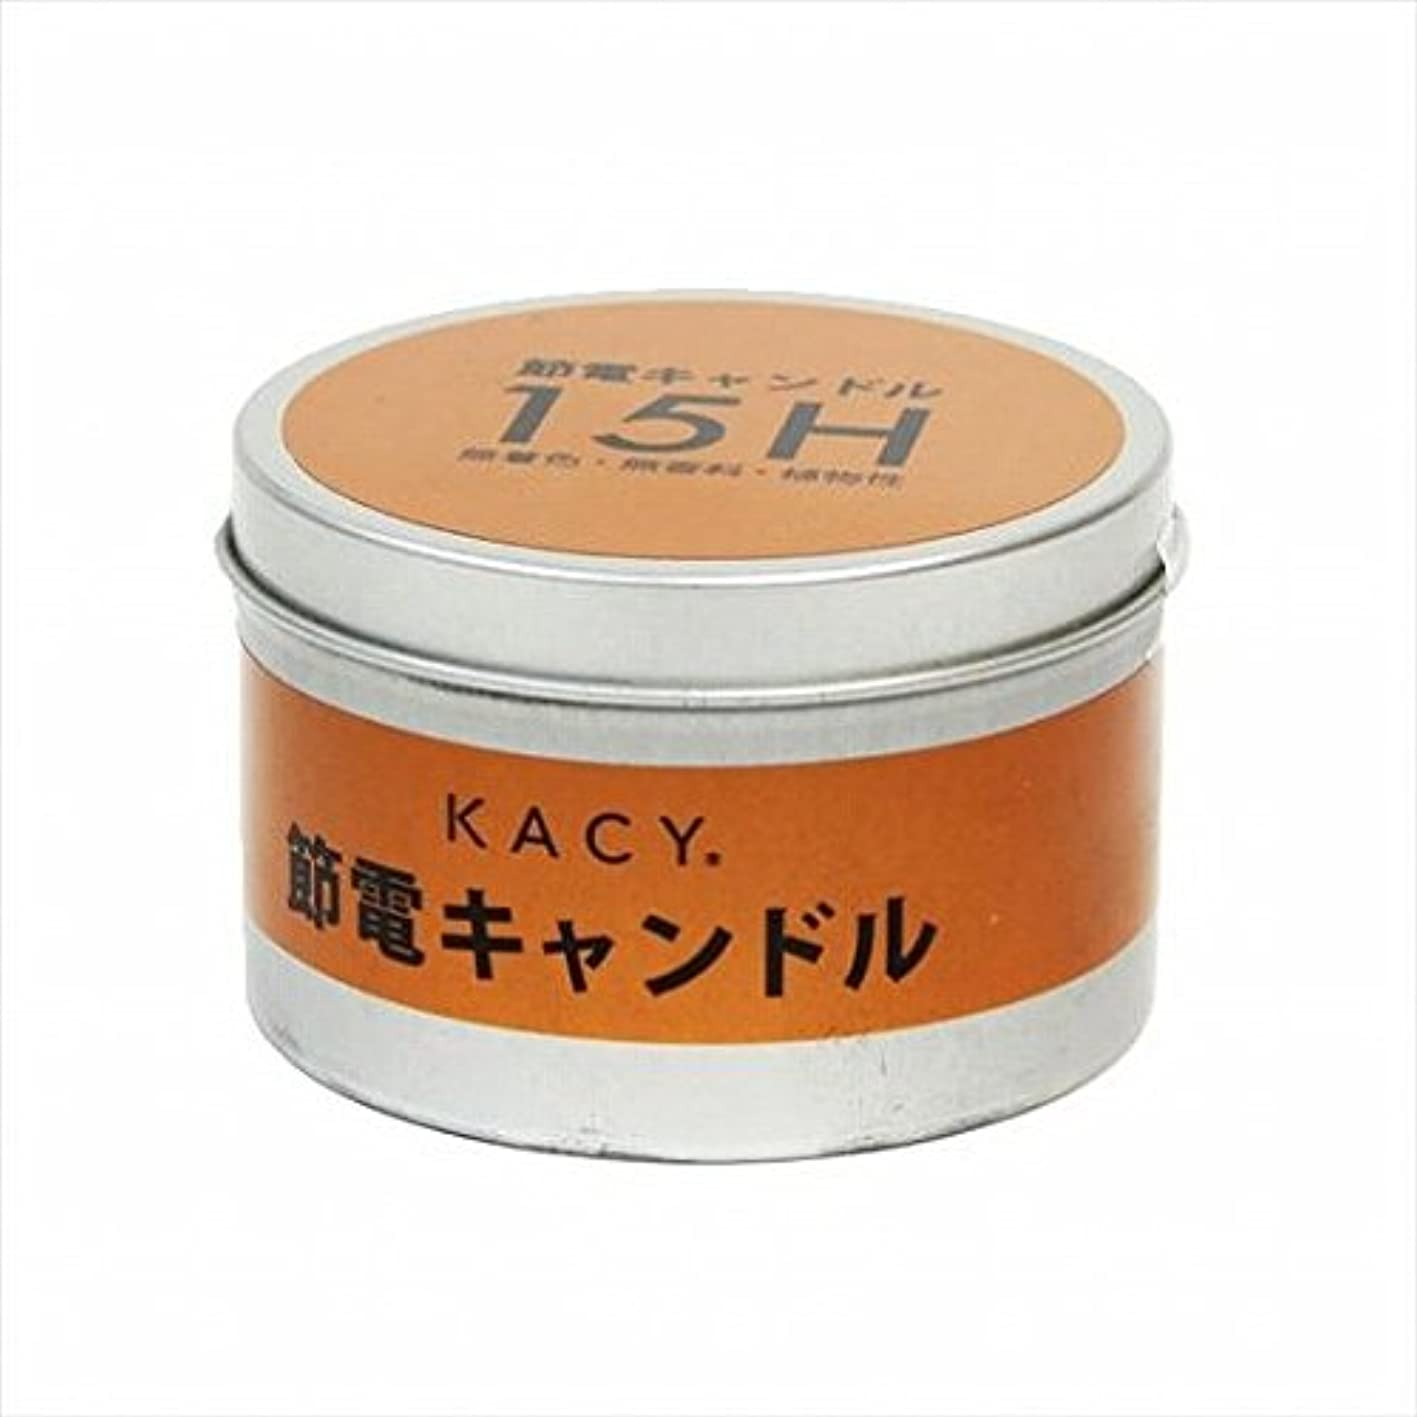 密輸重量ルーkameyama candle(カメヤマキャンドル) 節電缶キャンドル15時間タイプ キャンドル 80x80x48mm (A9620000)